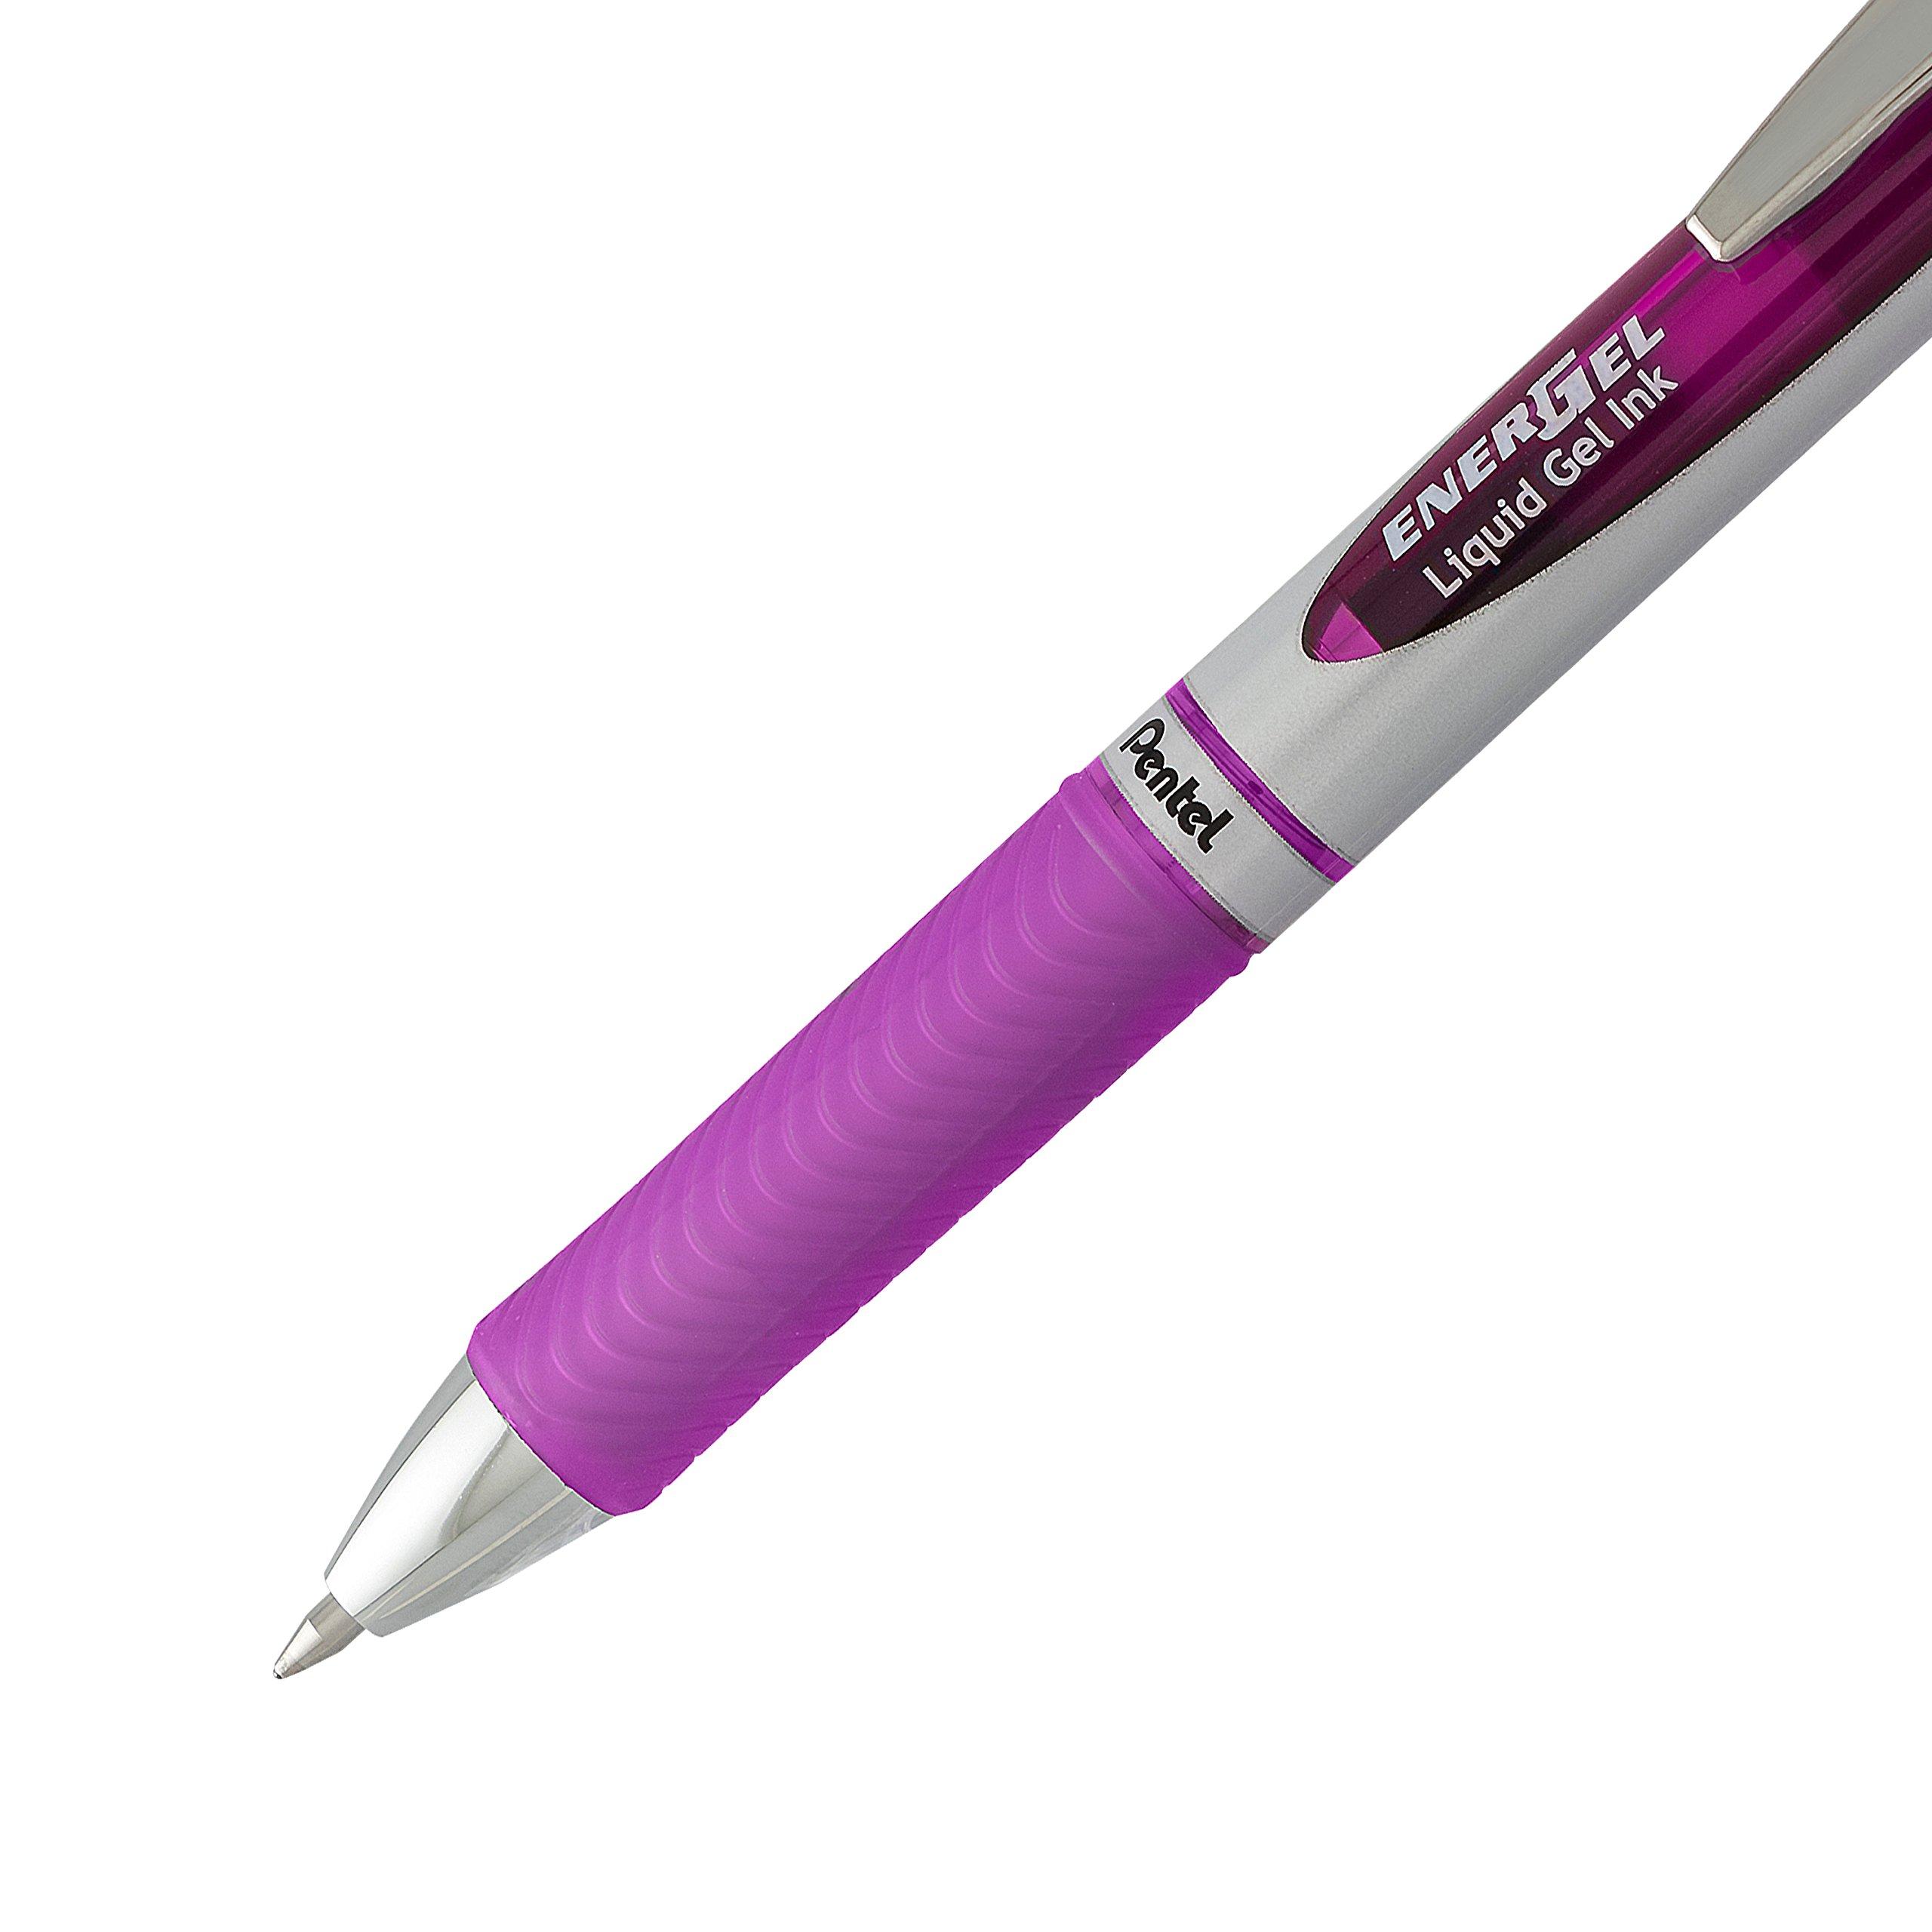 Pentel EnerGel Deluxe RTX Gel Ink Pens, 0.7 Millimeter Metal Tip, Assorted Colors,  6 Pack (BL77BP6M) by Pentel (Image #3)